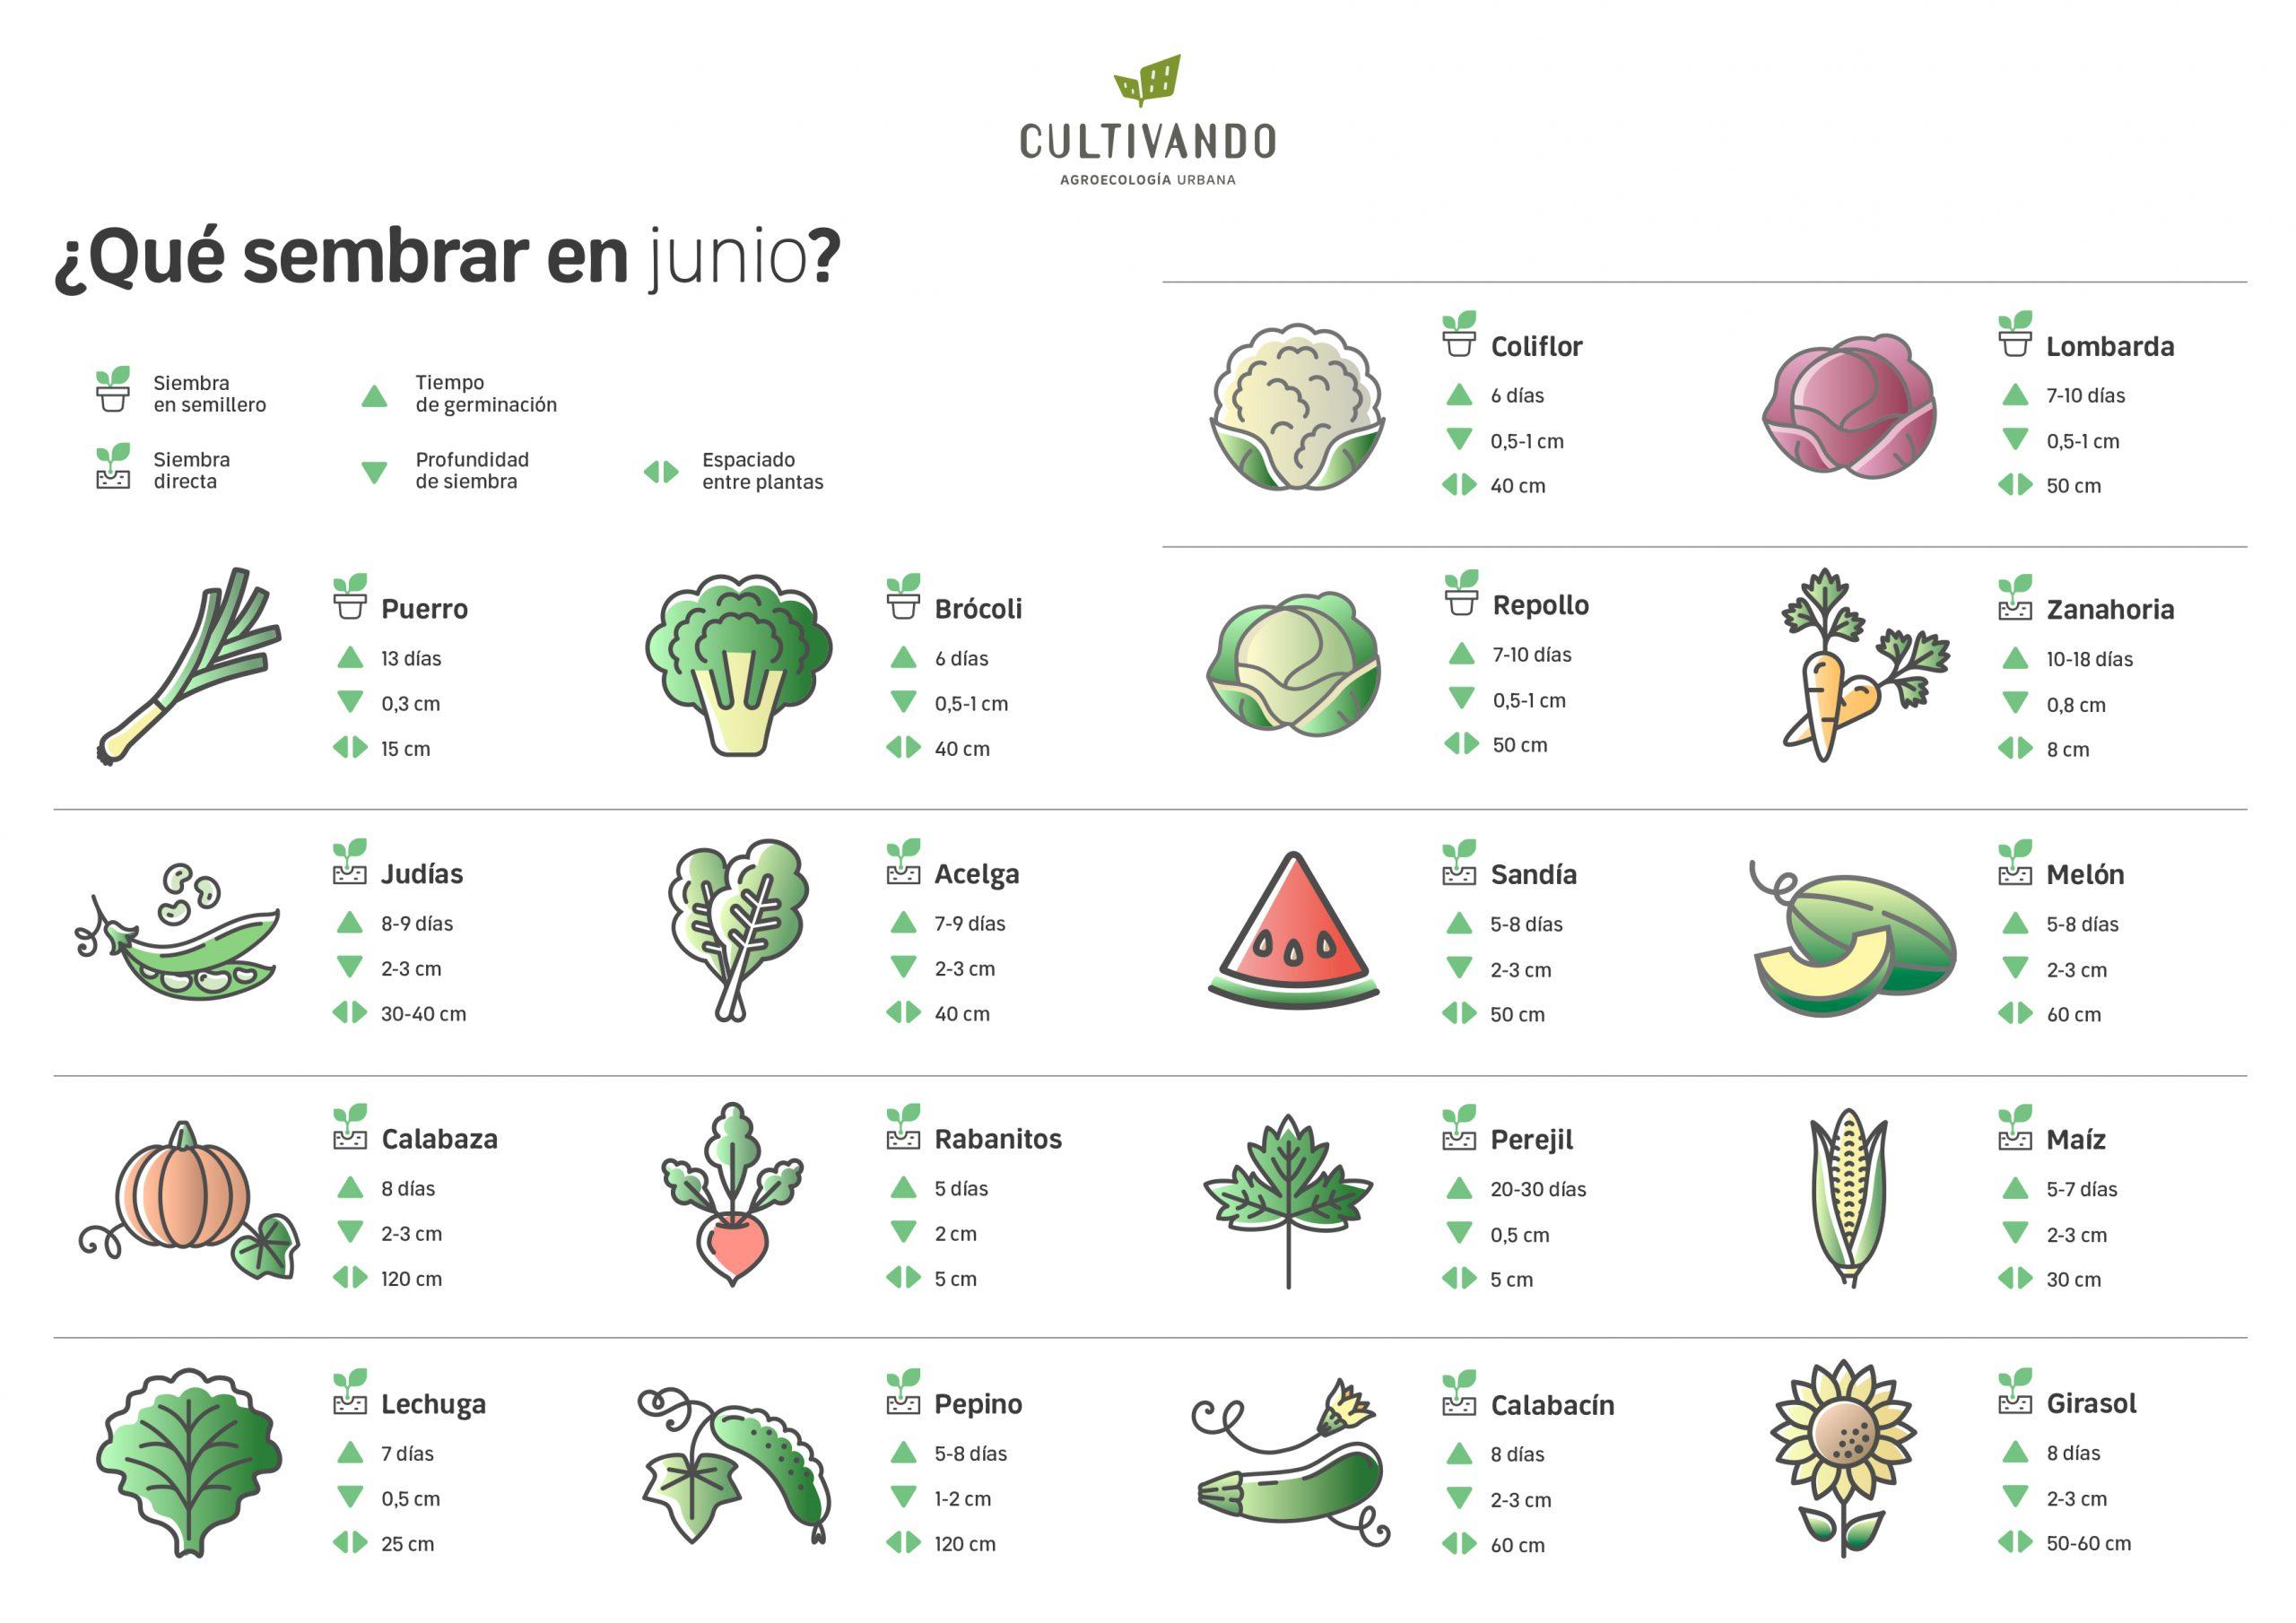 ¿Qué sembrar en Junio? Nuestros amigos de Cultivando nos lo cuentan